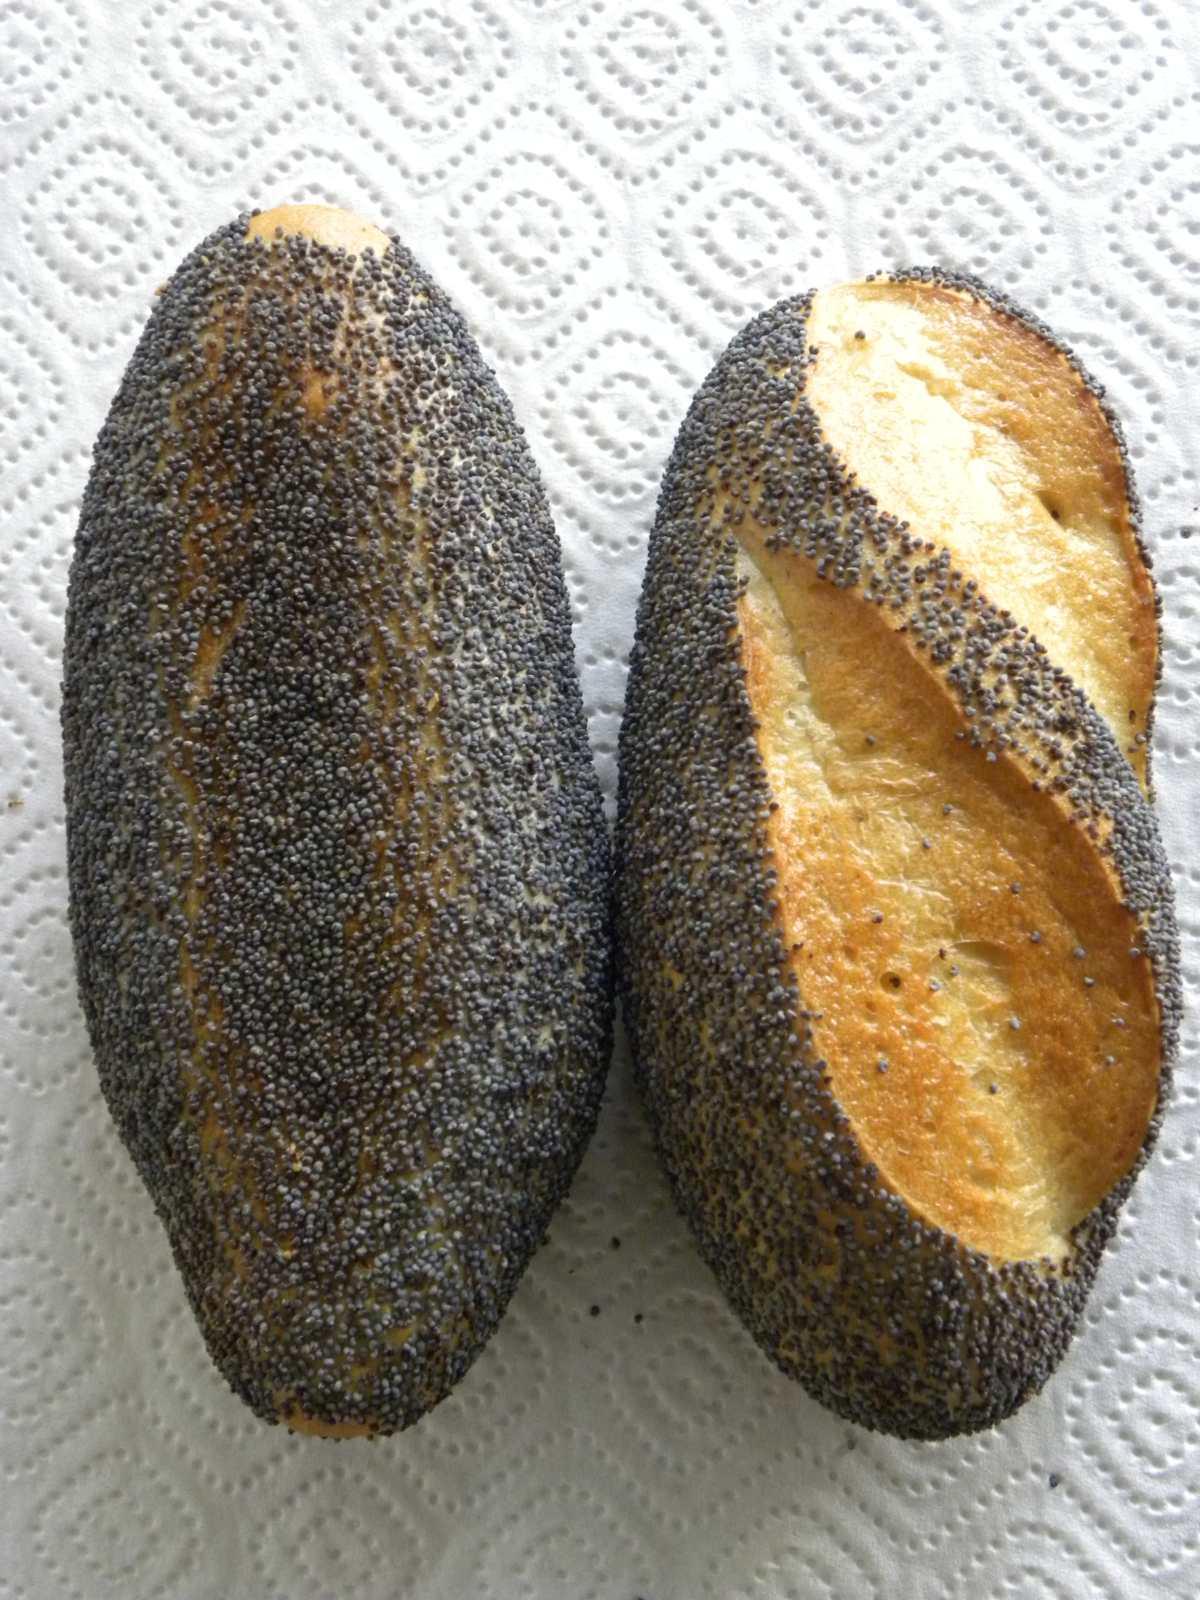 Bild von zwei Mohnbrötchen.